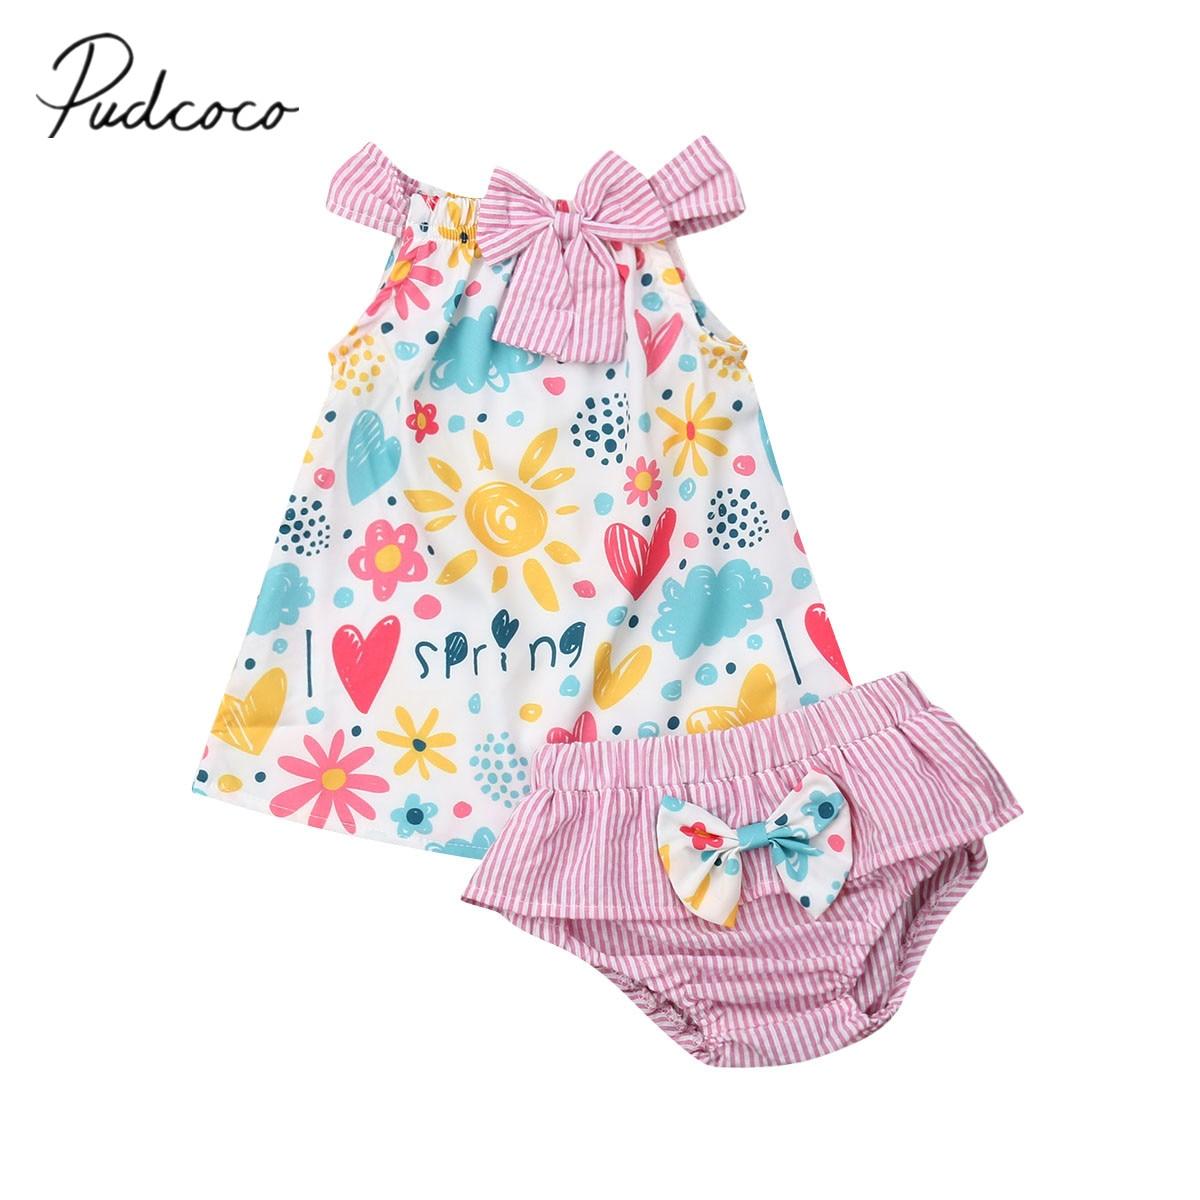 2019 nova marca infantil verão 2 pçs roupas recém-nascidos da criança do bebê meninas floral outfits algodão topos vestido + pp listrado shorts conjuntos